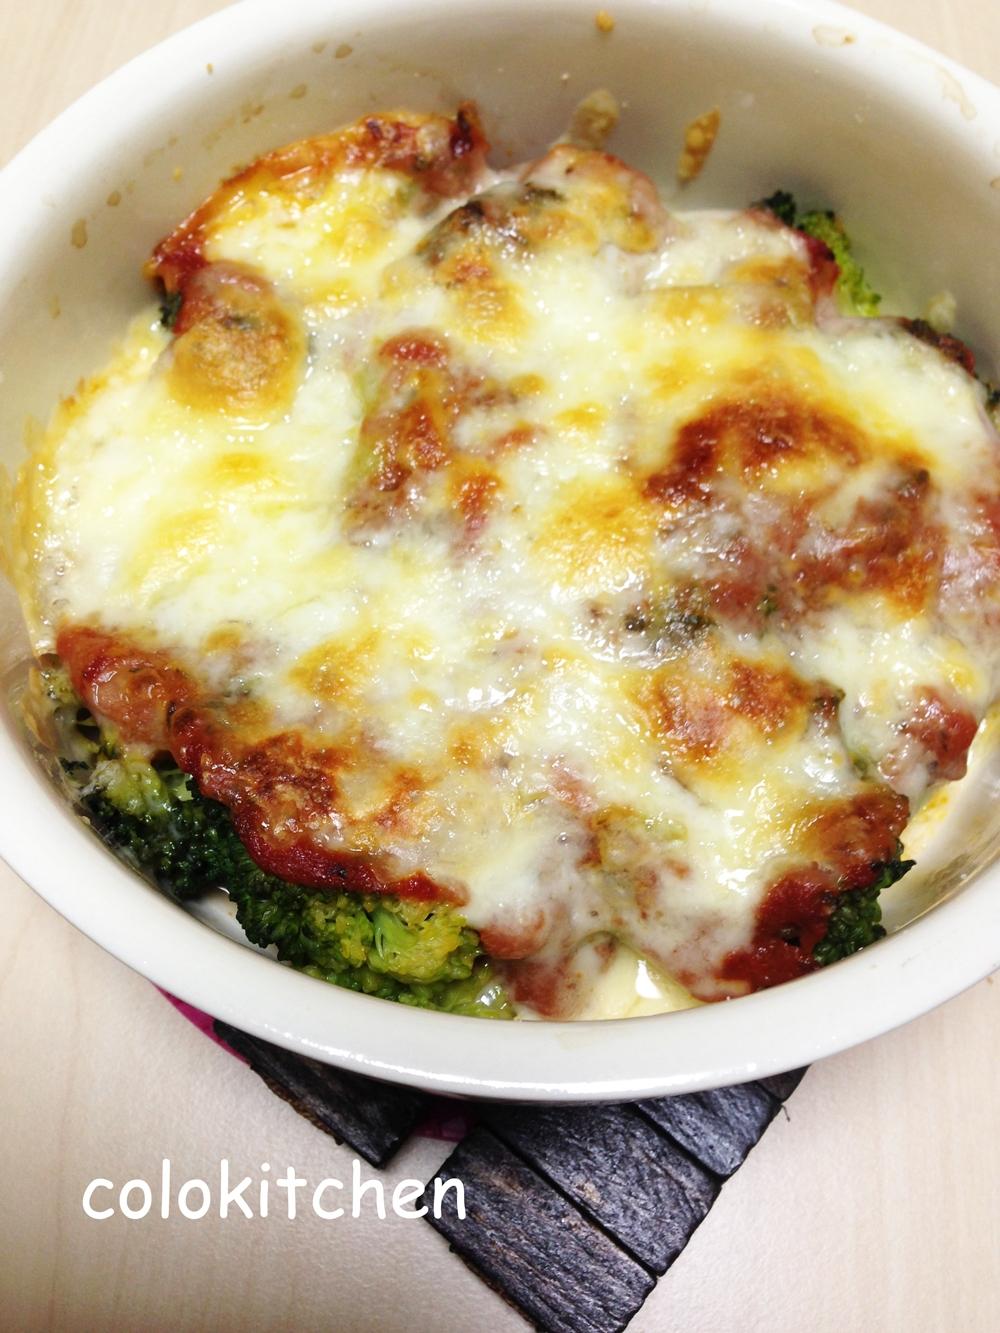 ブロッコリーとピザソースのチーズ焼き レシピ・作り方 by COLO4586|楽天レシピ